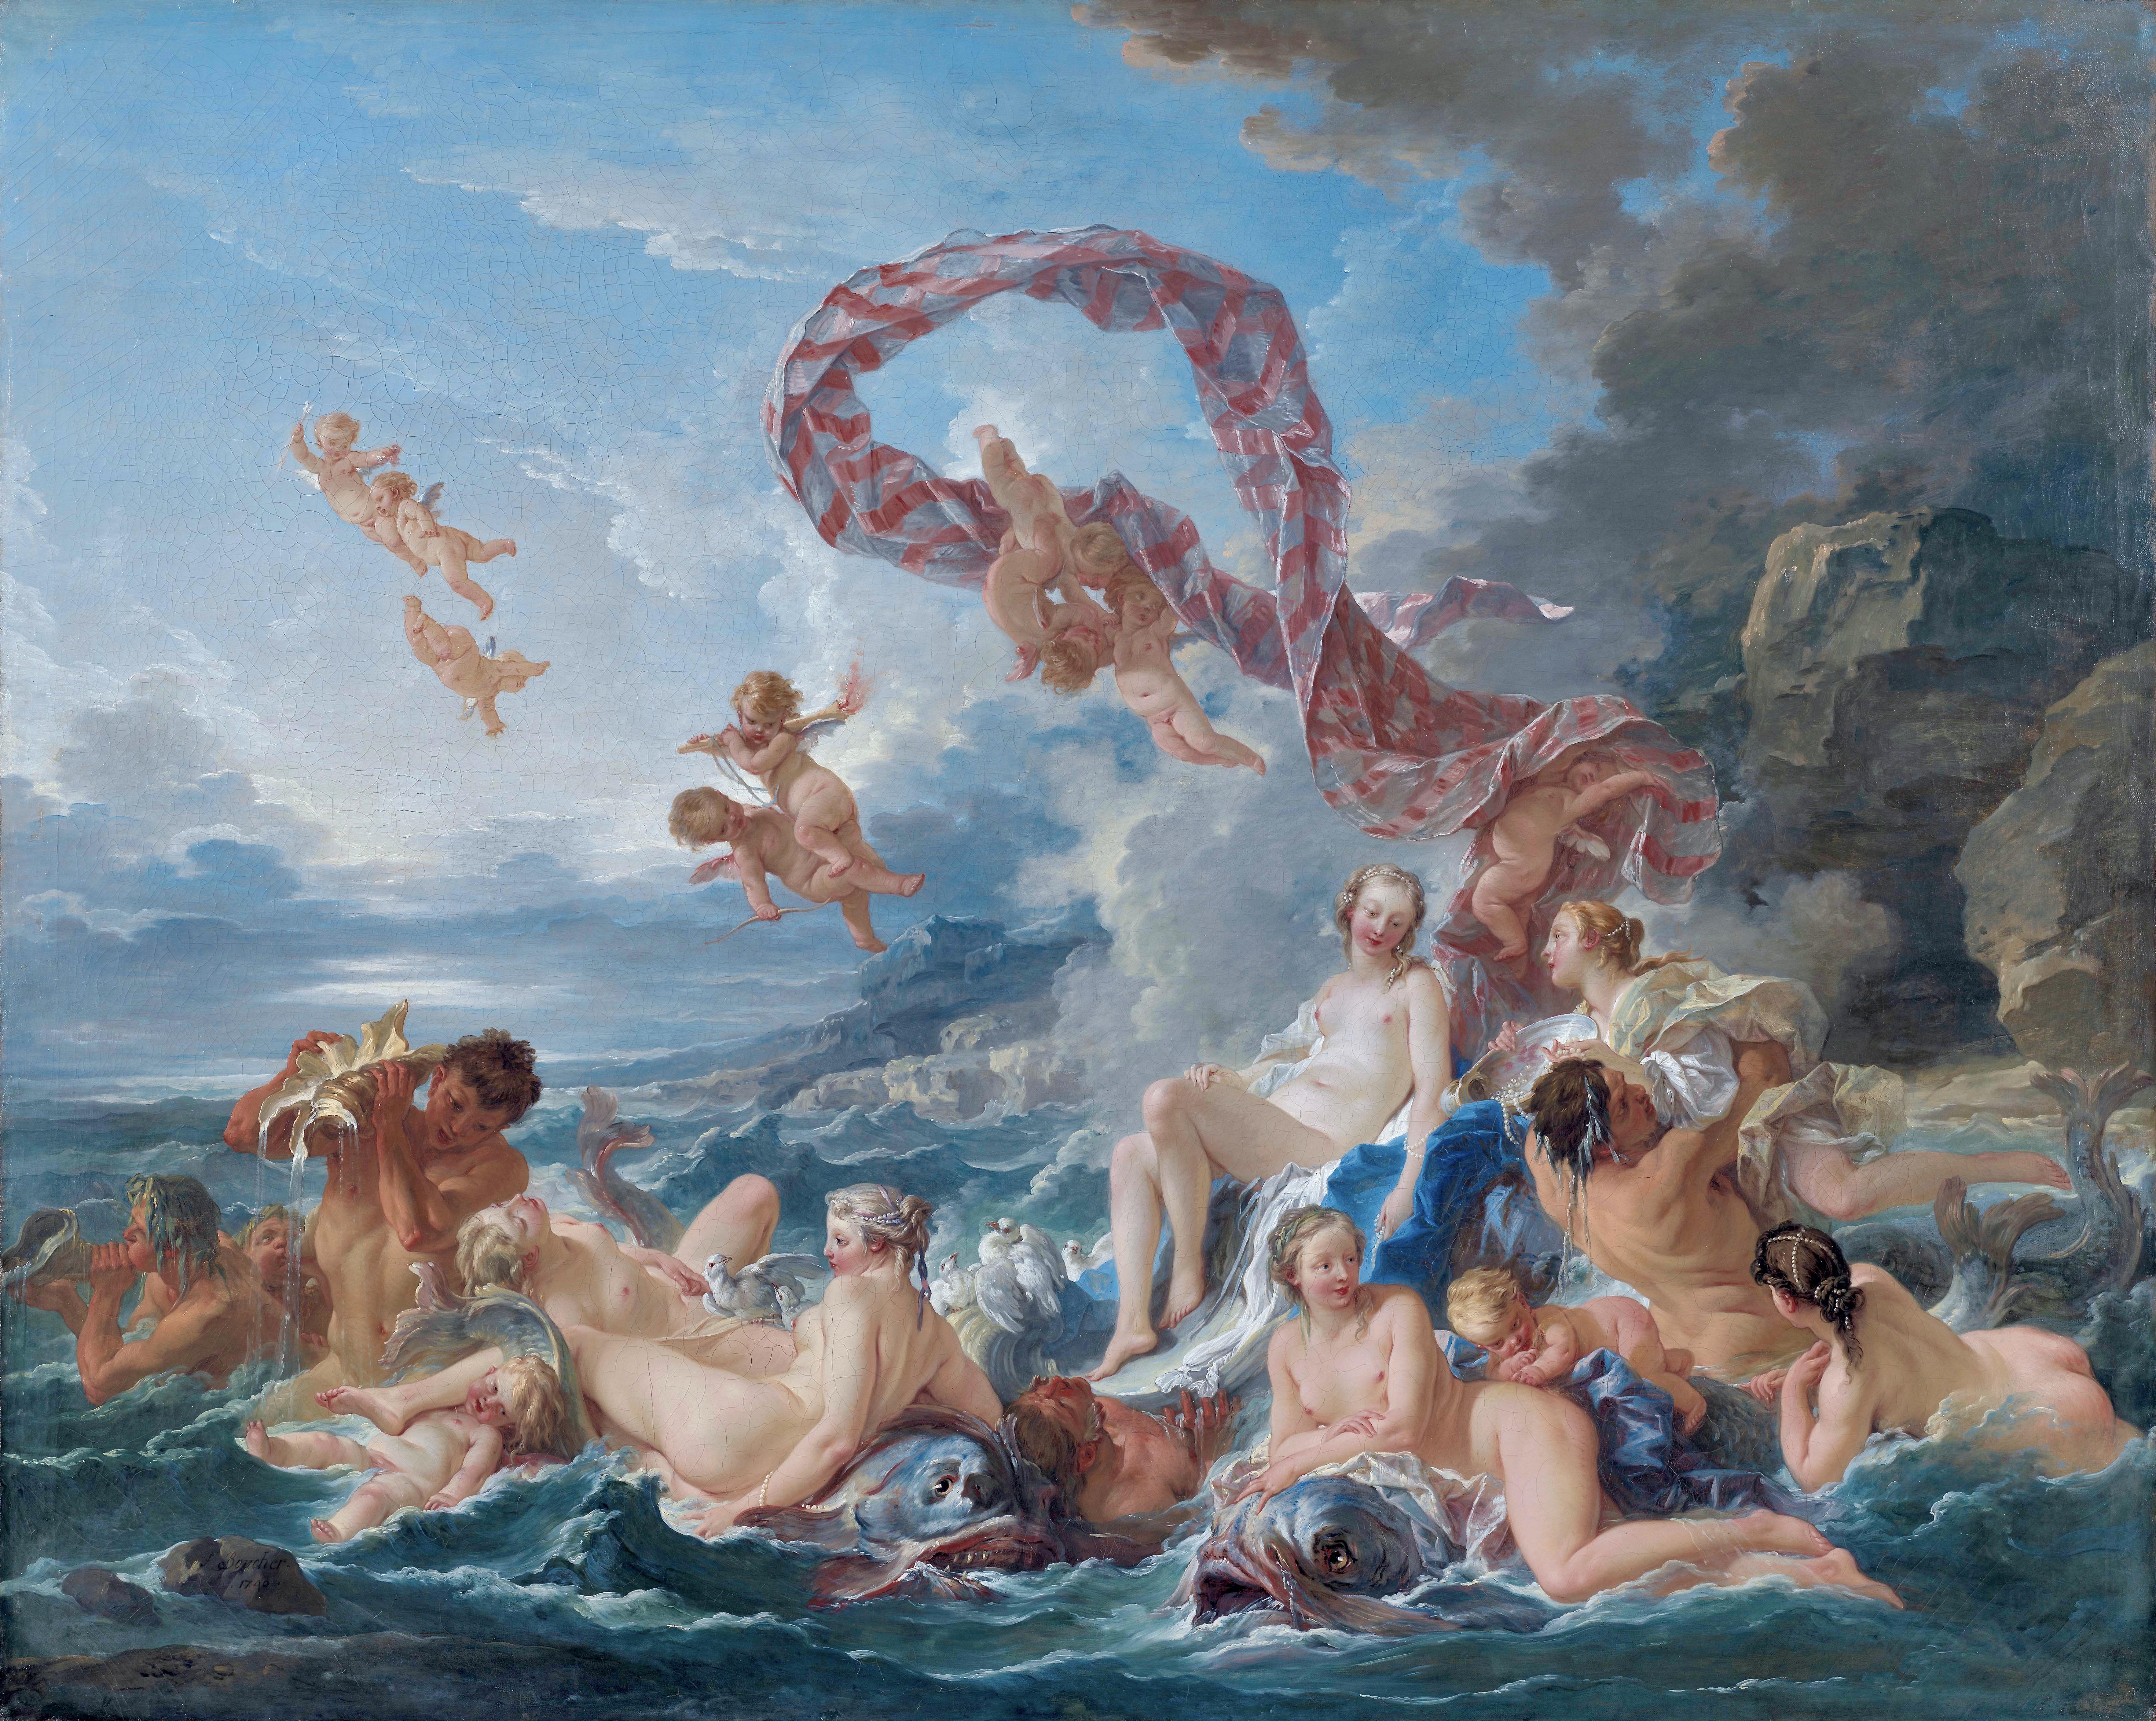 The Triumph of Venus, by François Boucher